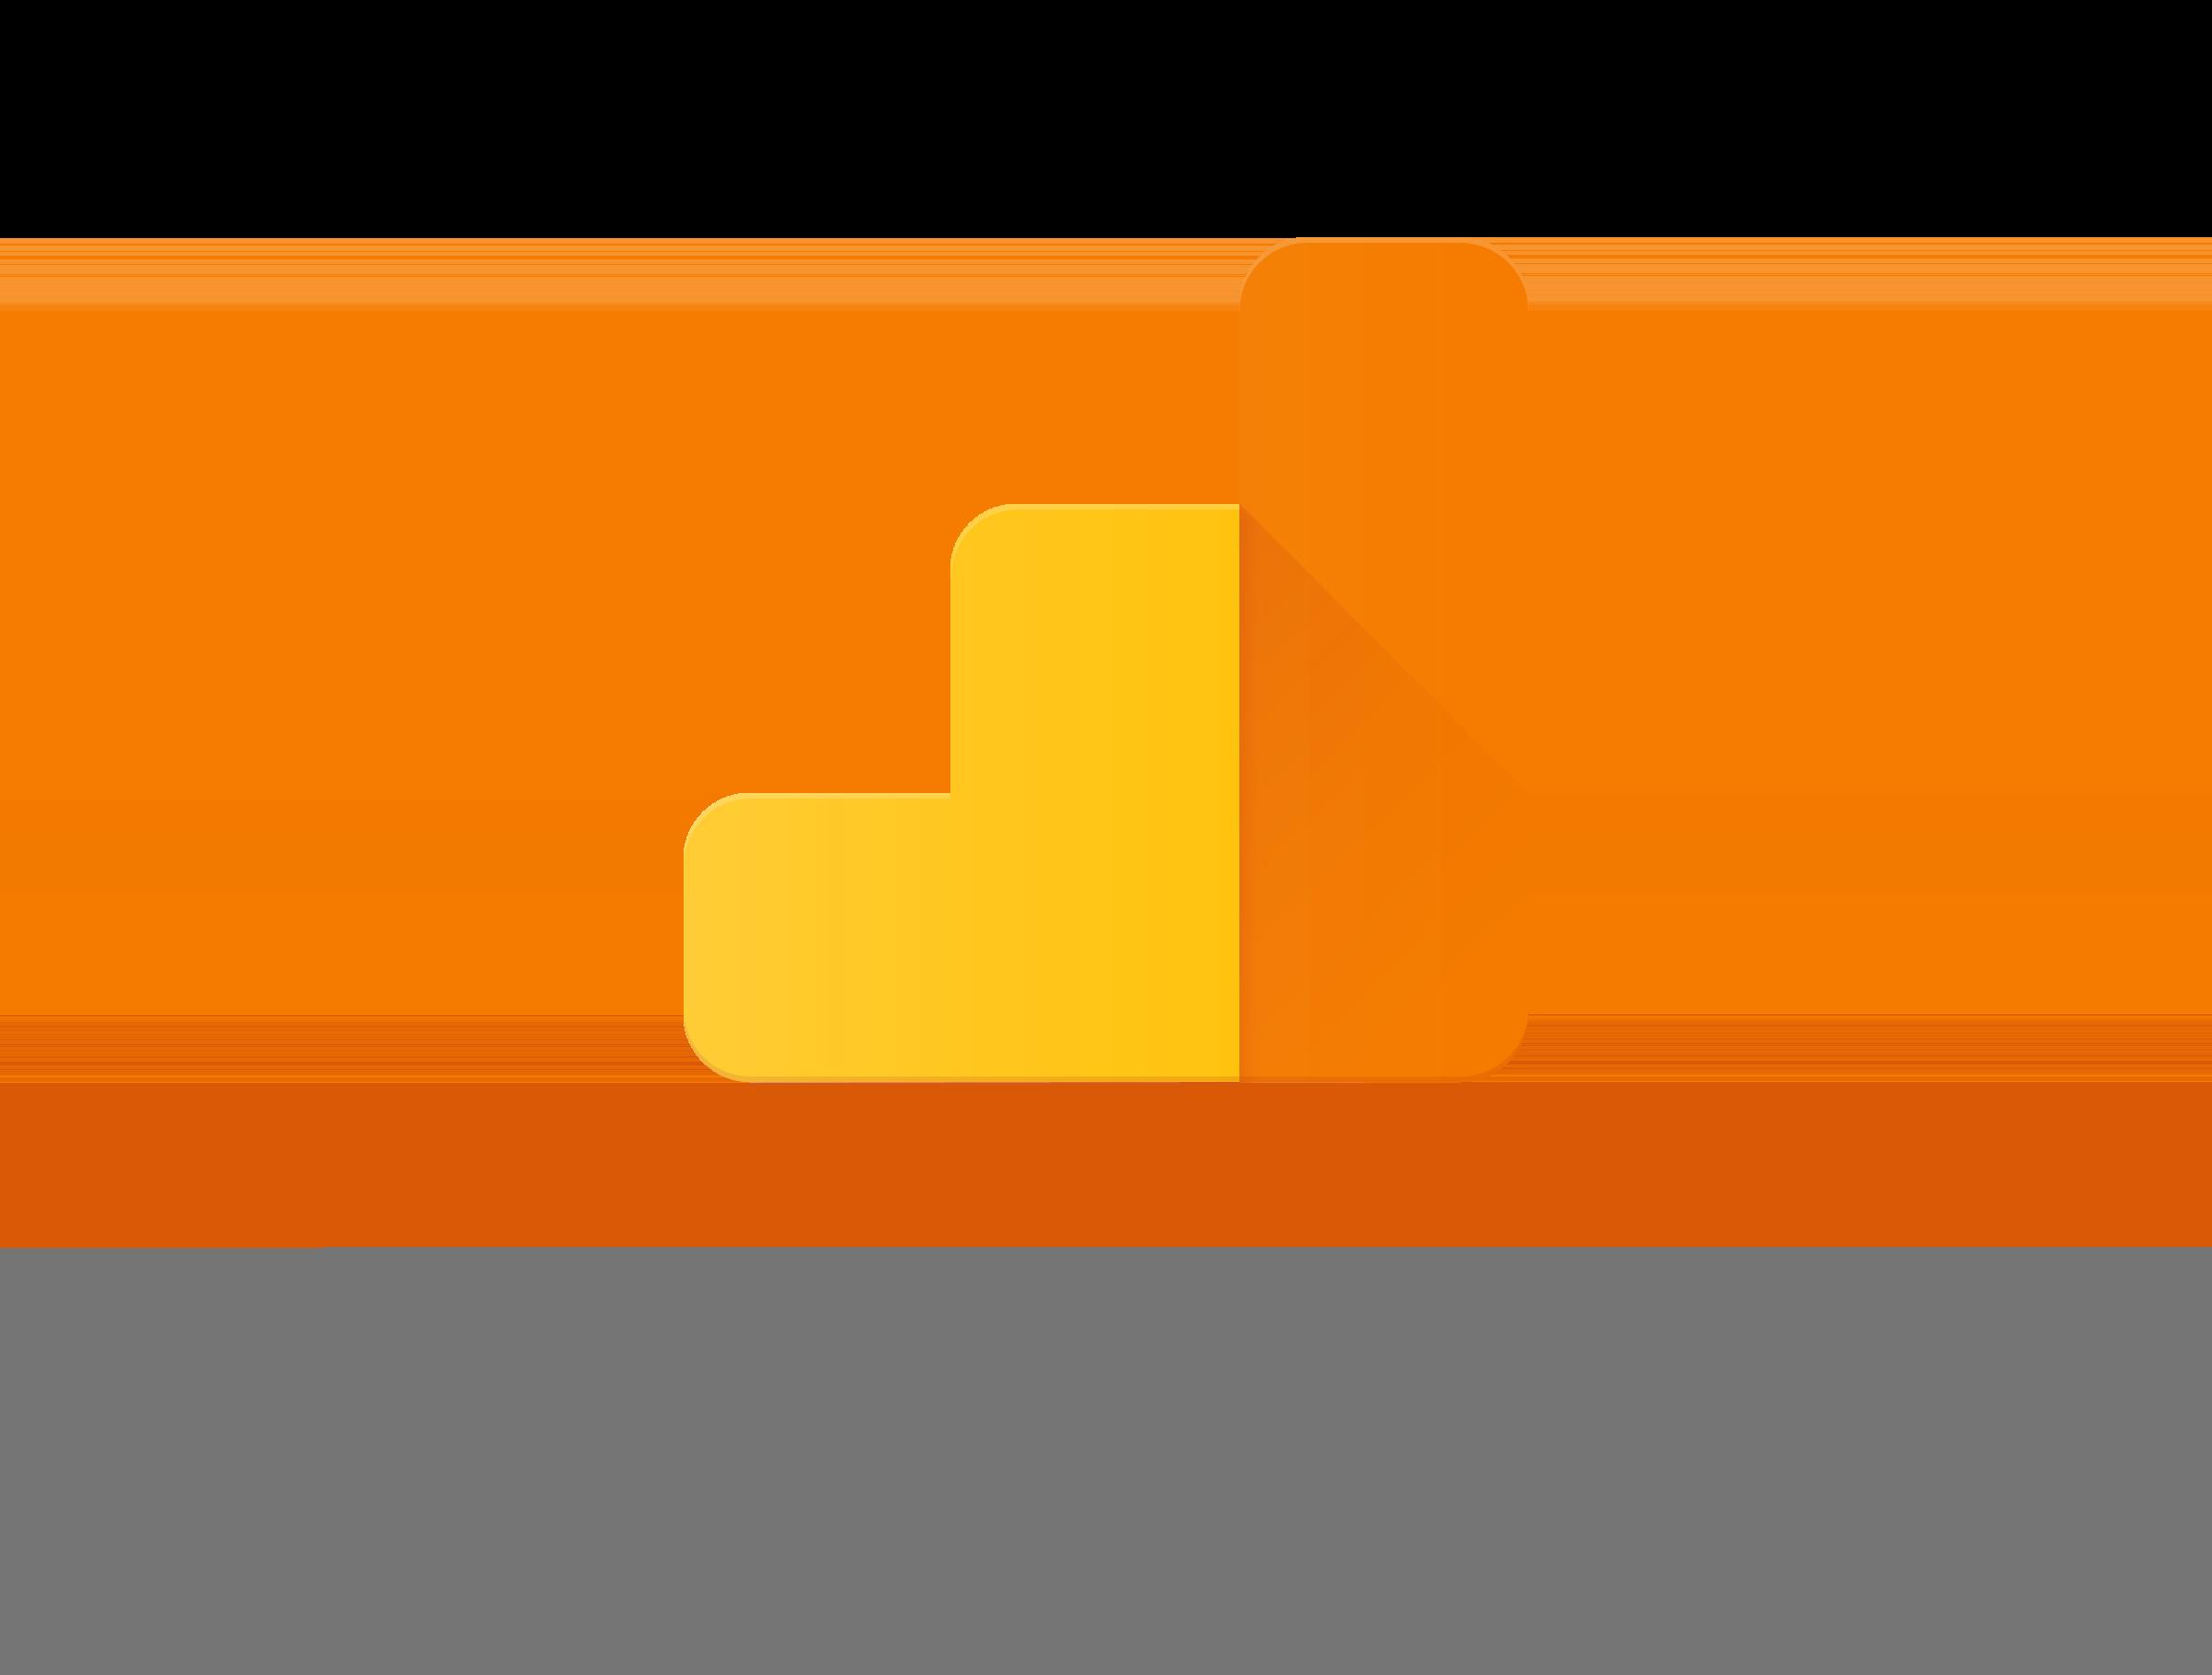 Analytics developer branding guidelines. New google logo png